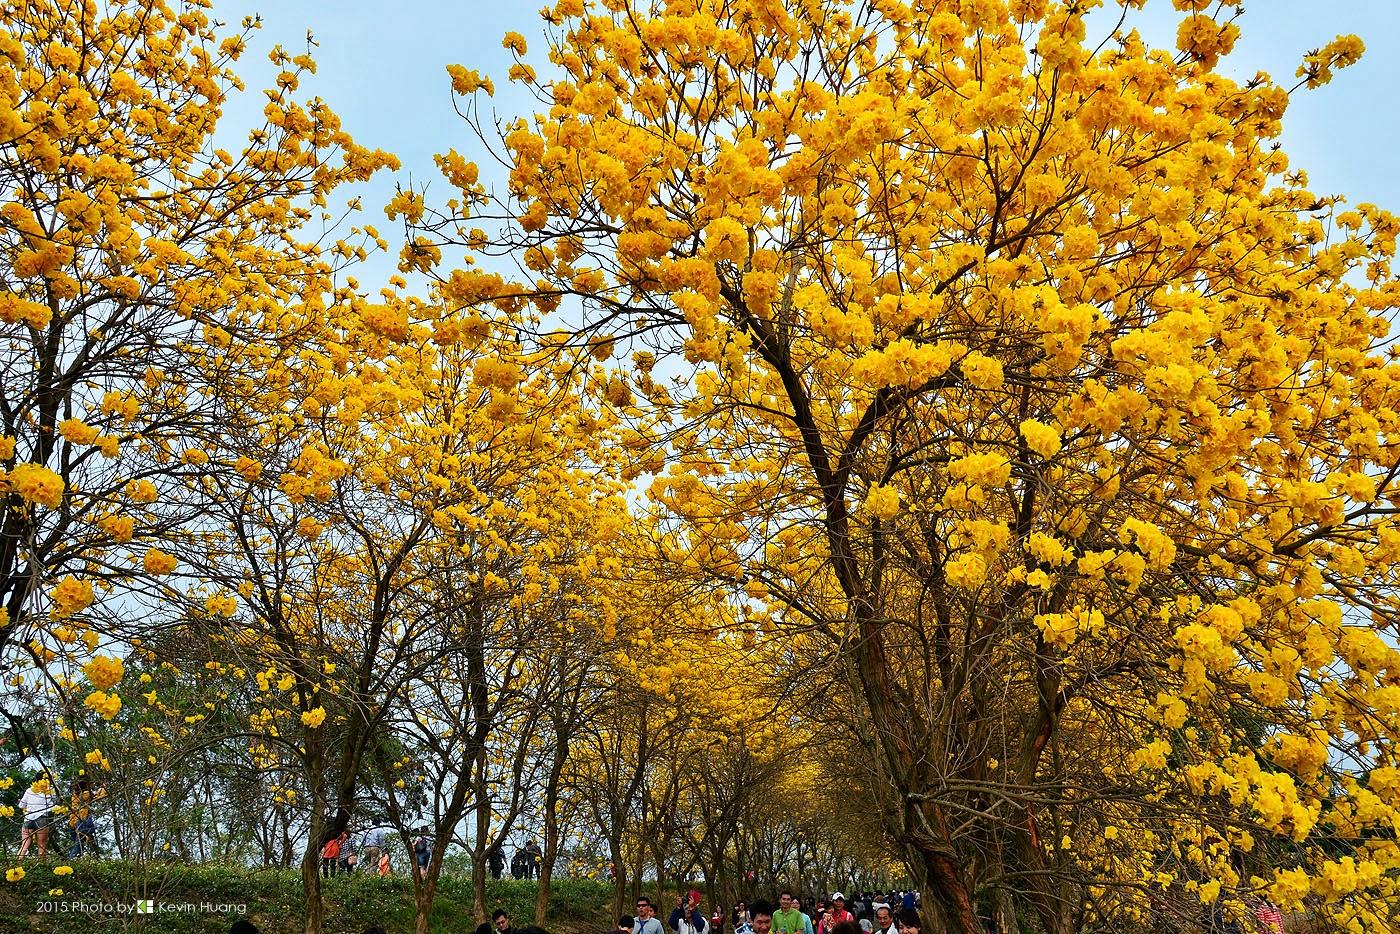 黃金般的幸福~黃花風鈴木